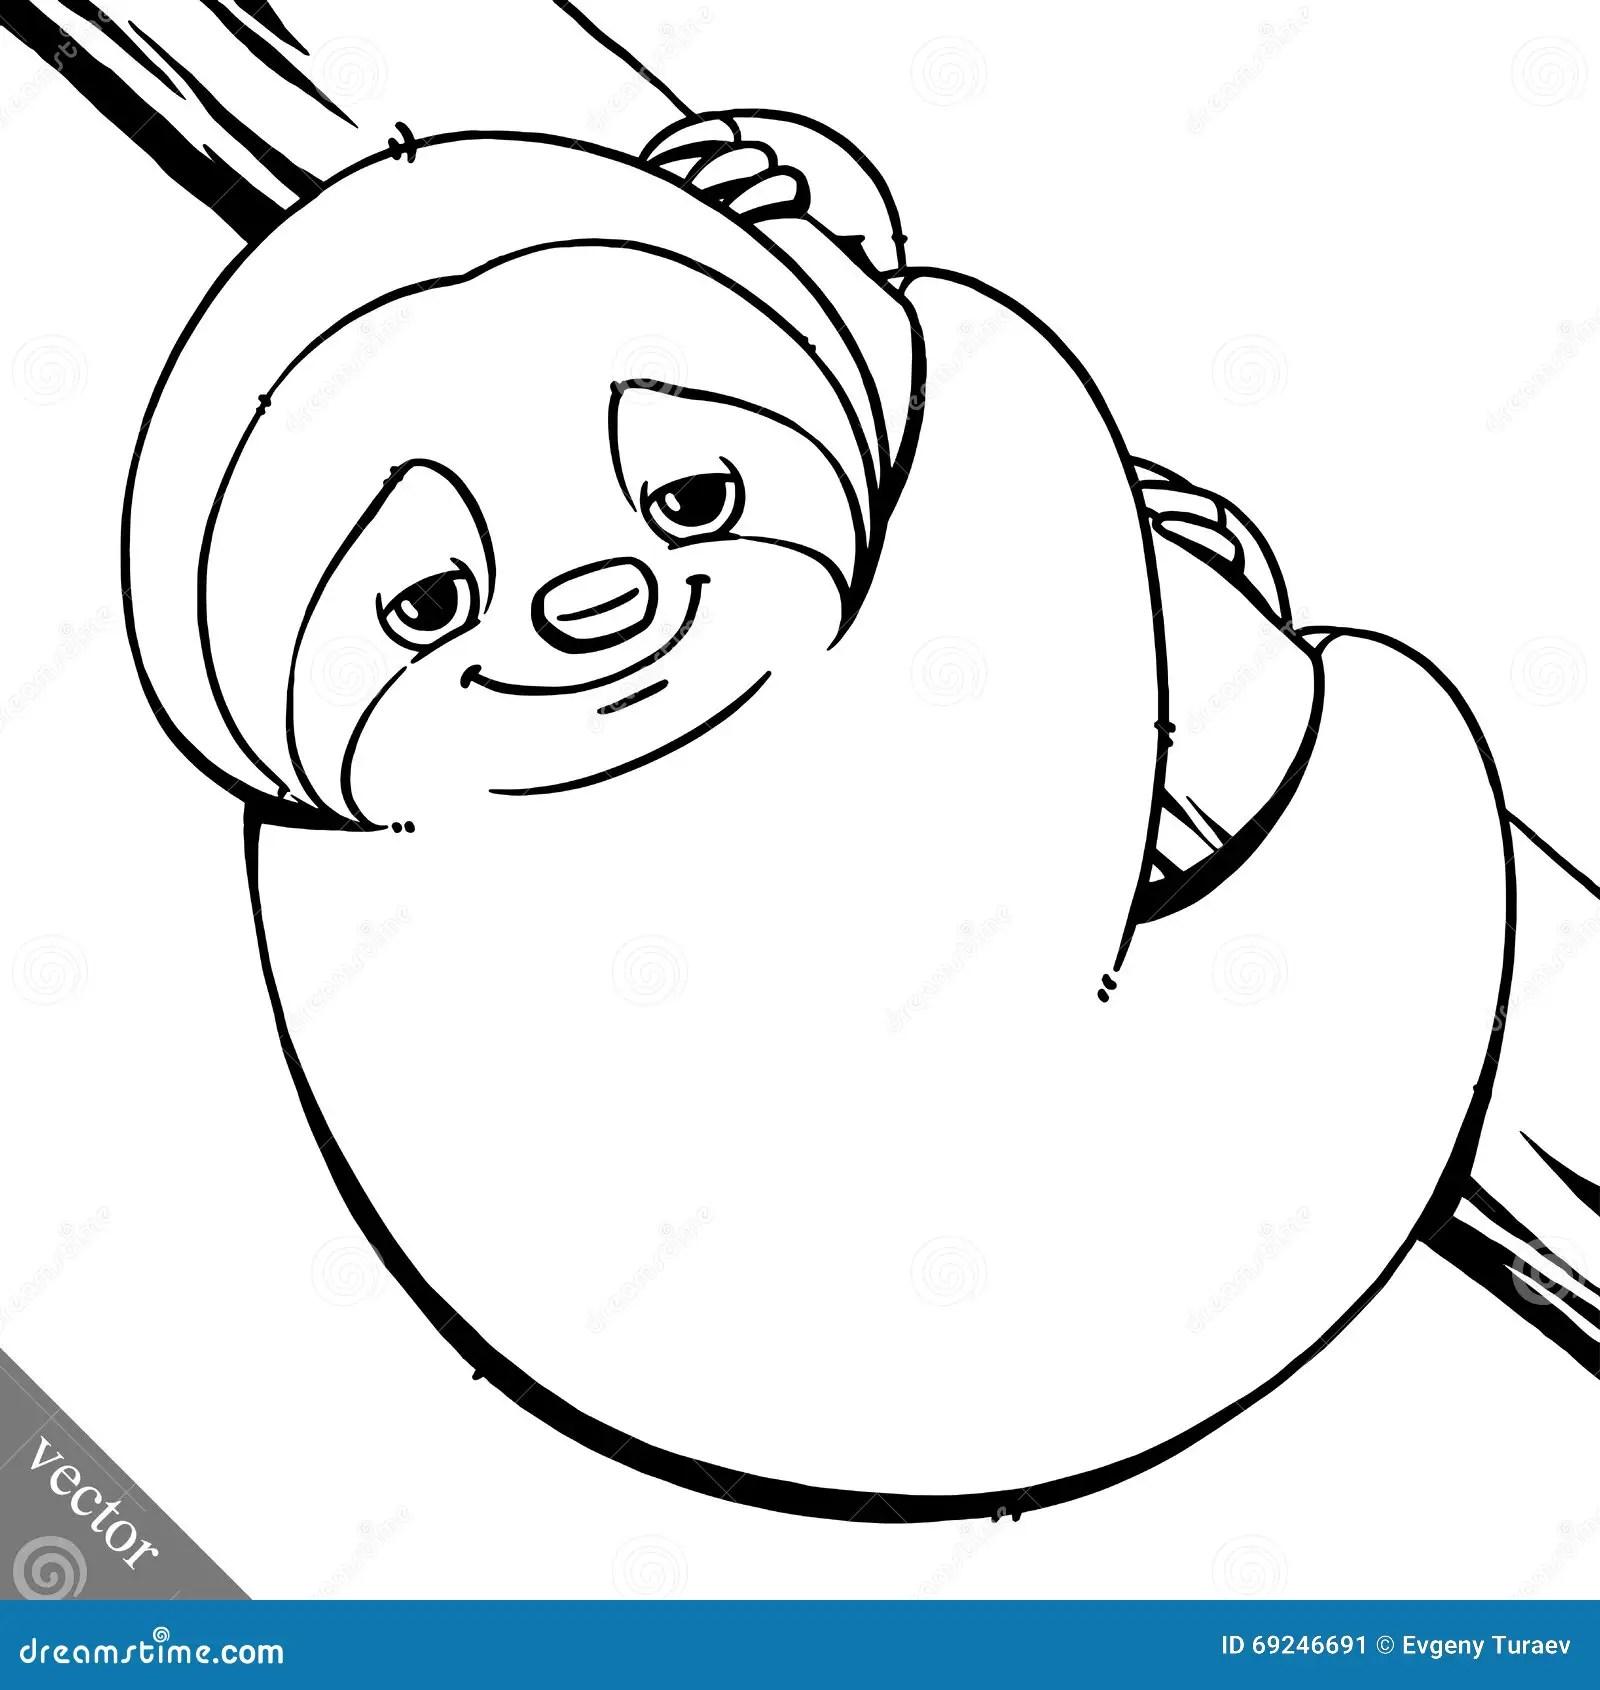 Cartoon Sloth Character Emoticon Stickers Cartoon Vector